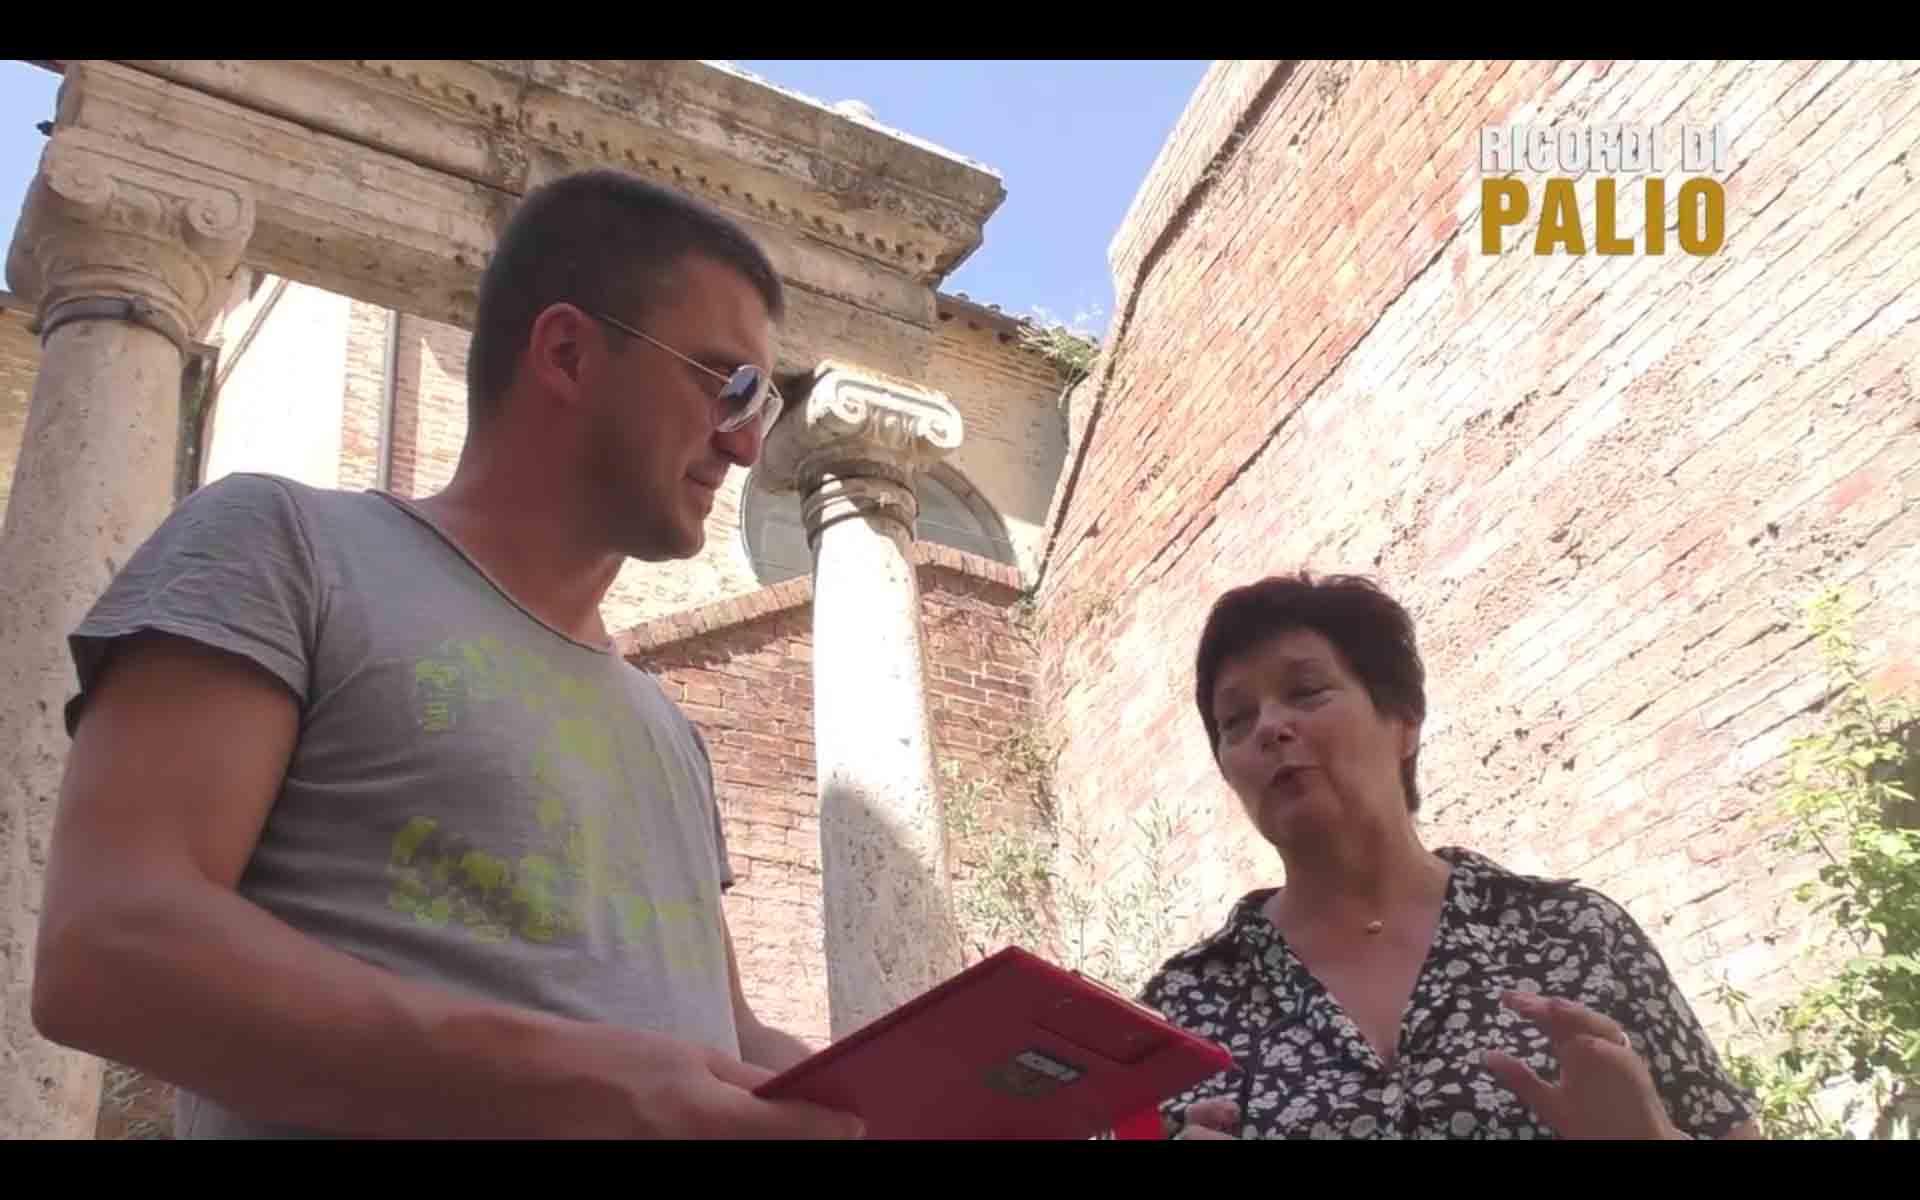 Michele Fiorini di Ricordi di Palio con Marina Antonetti figlia di Remo Antonetti detto Rompighiaccio nel corso della nostra intervista